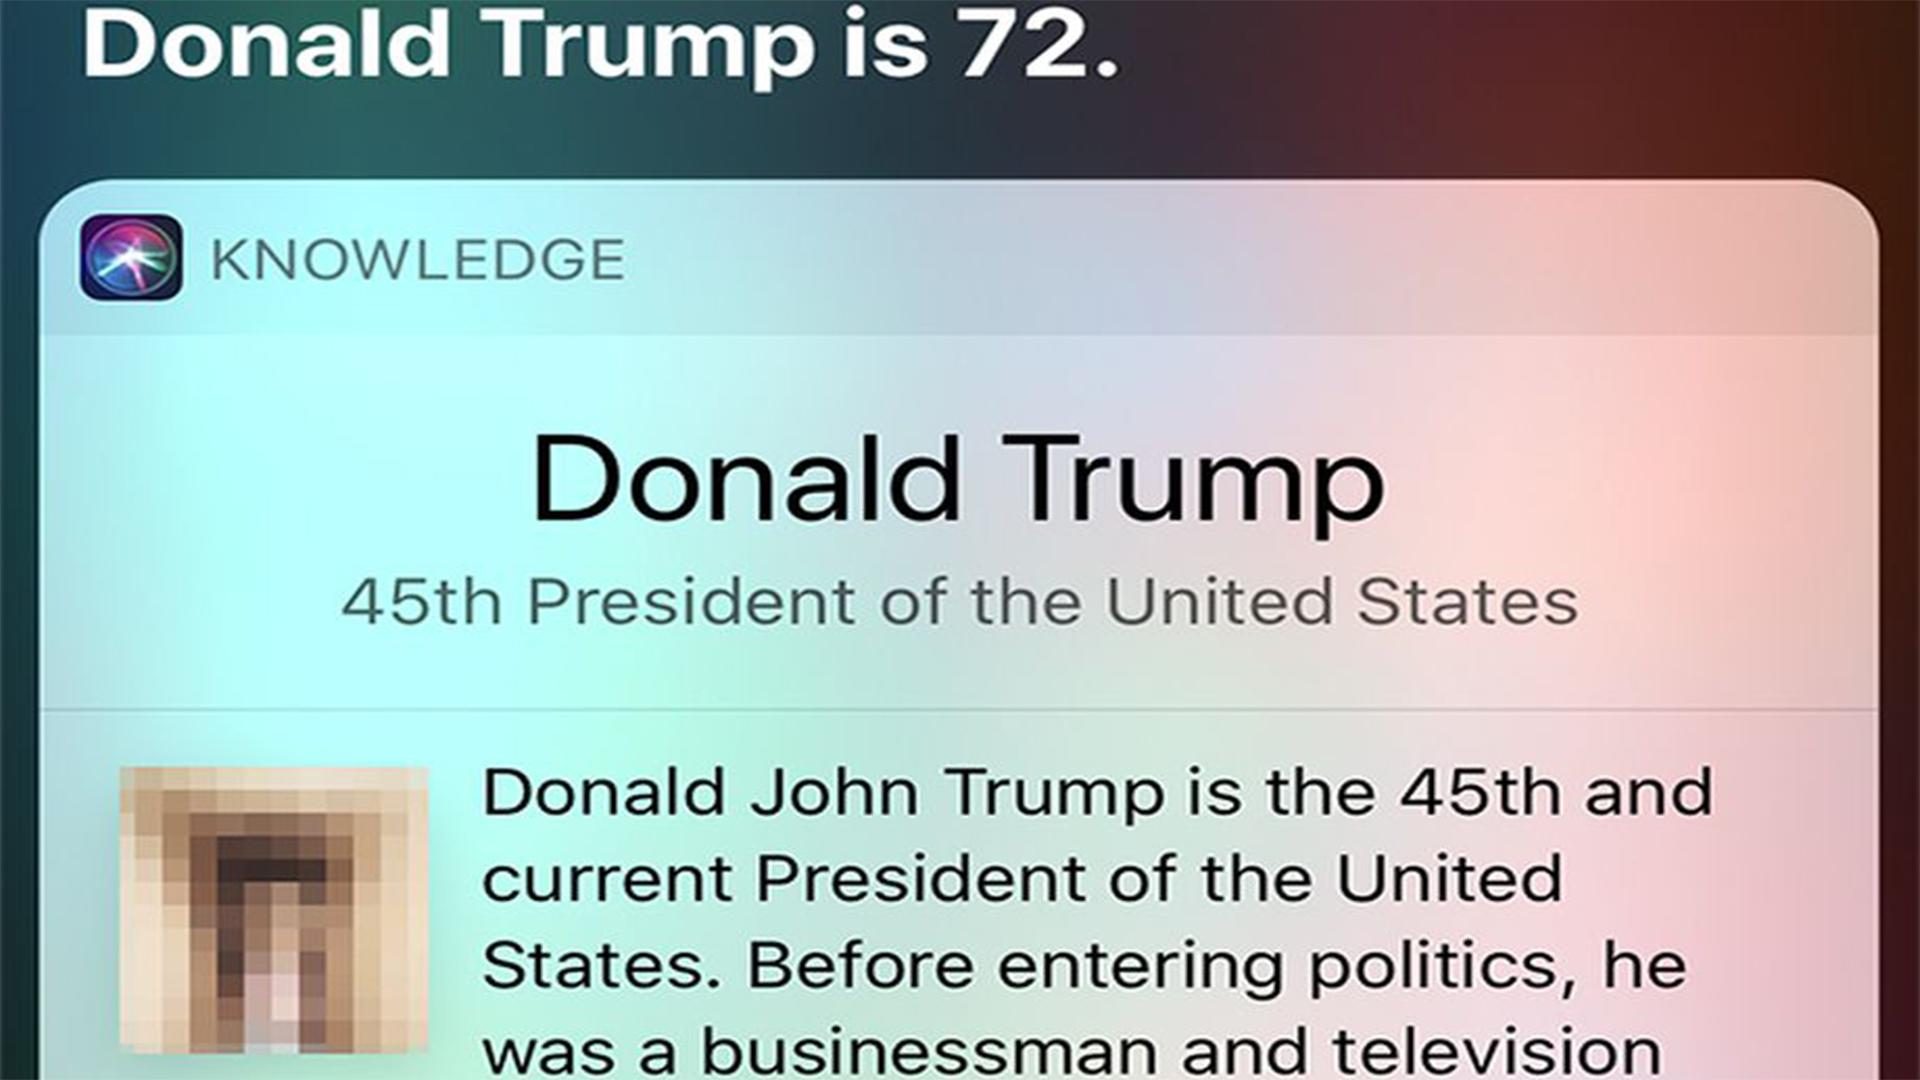 Siri nagyon csúnya dolgokat gondol Donald Trumpról